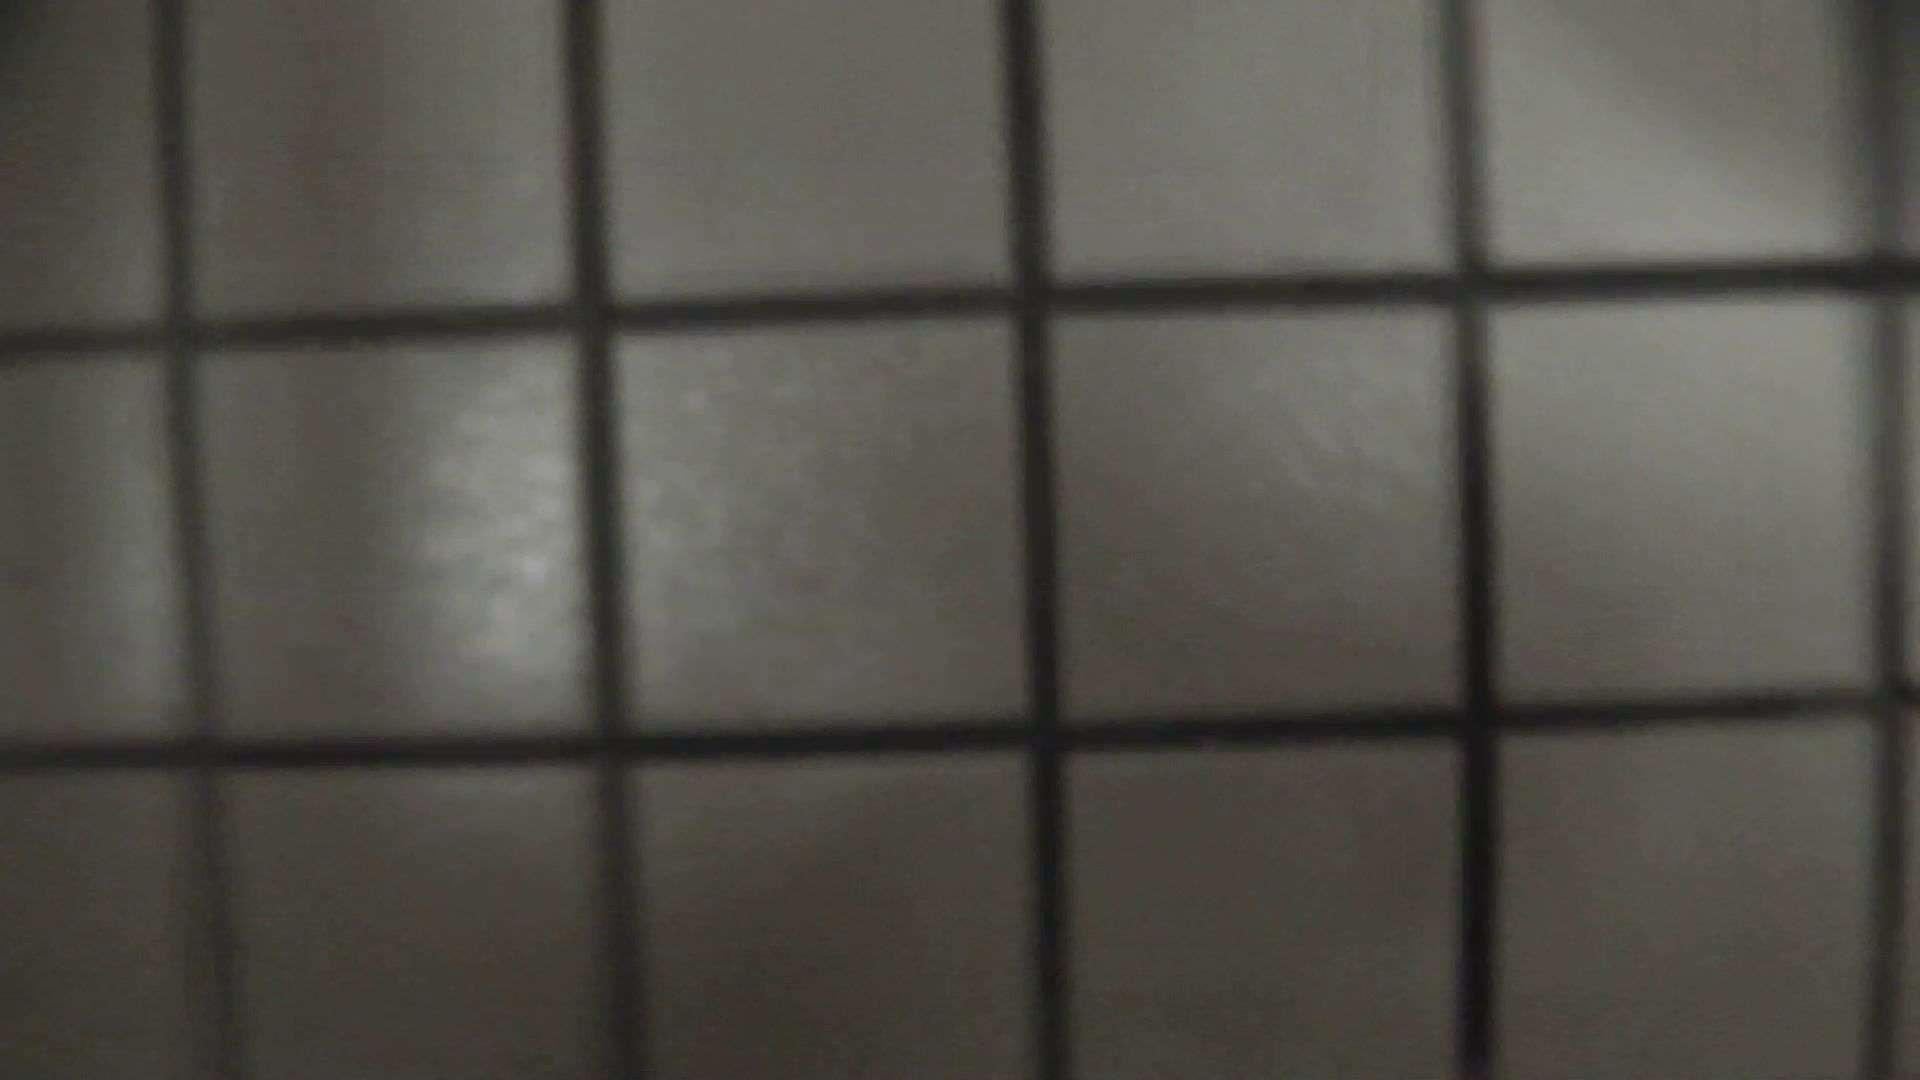 vol.09 命がけ潜伏洗面所! 残念!パンツについちゃいました。 洗面所 覗きおまんこ画像 91pic 7